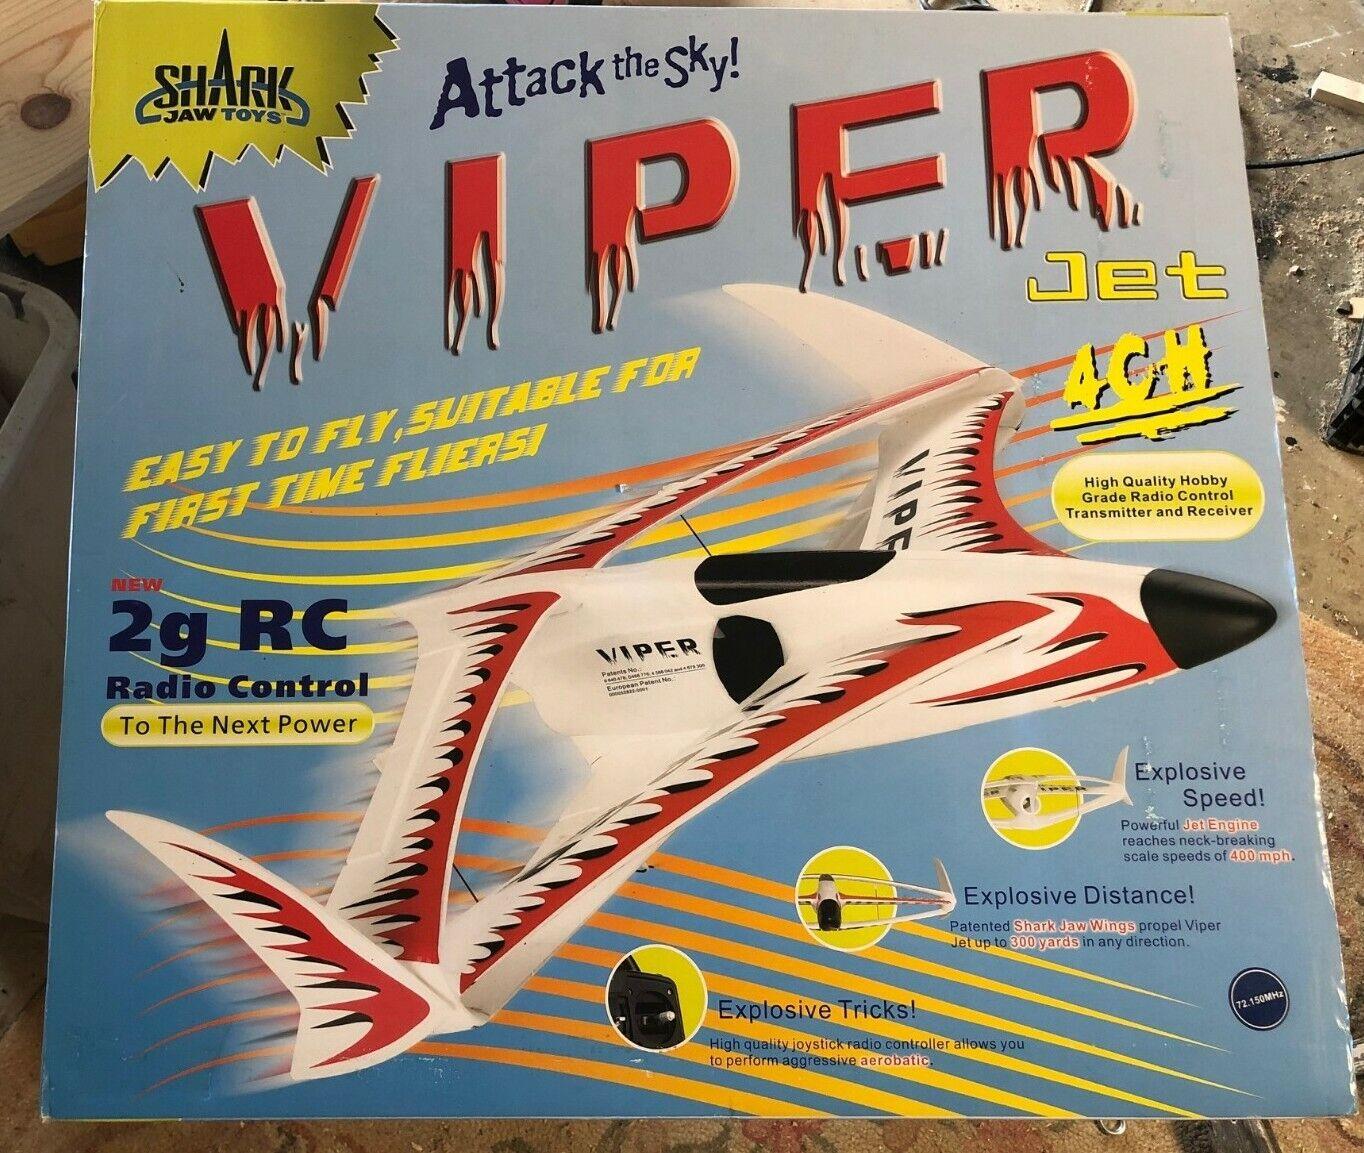 Shark Mandíbula Juguetes Radio Control Viper Jet